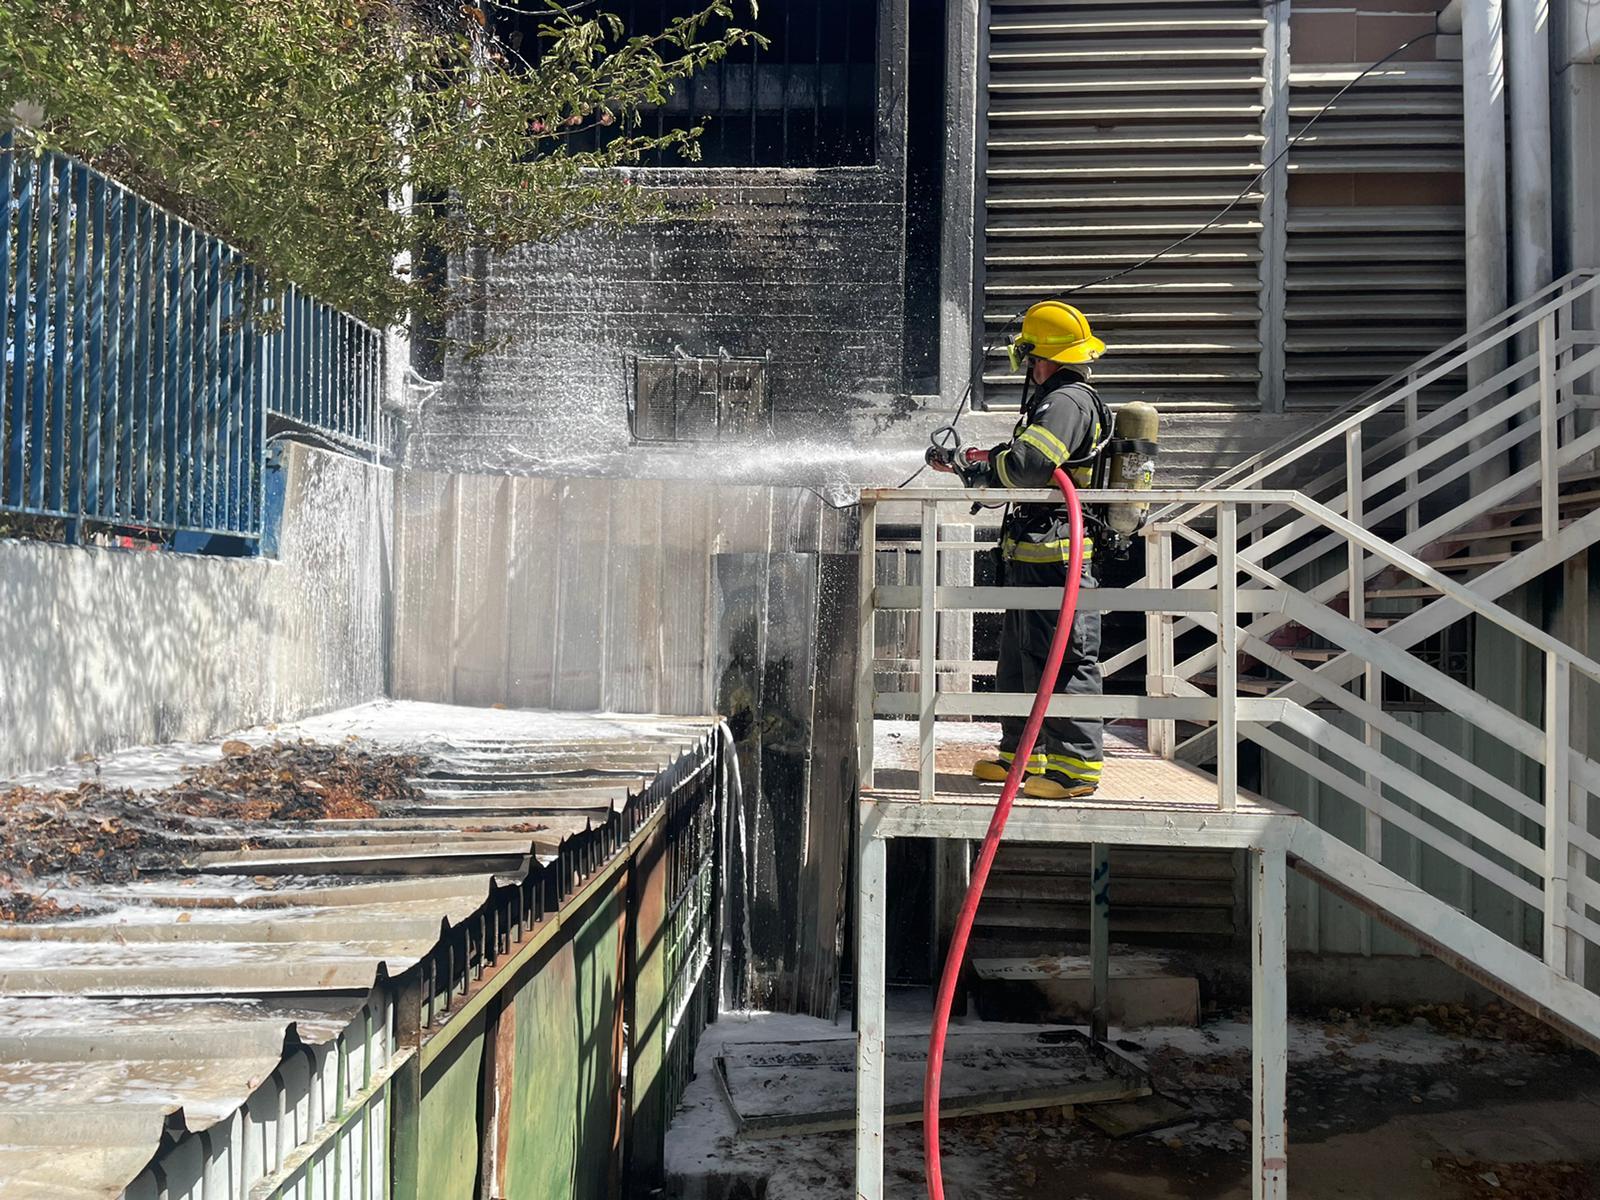 צפו: שריפה בבית הספר גולדווטר באילת